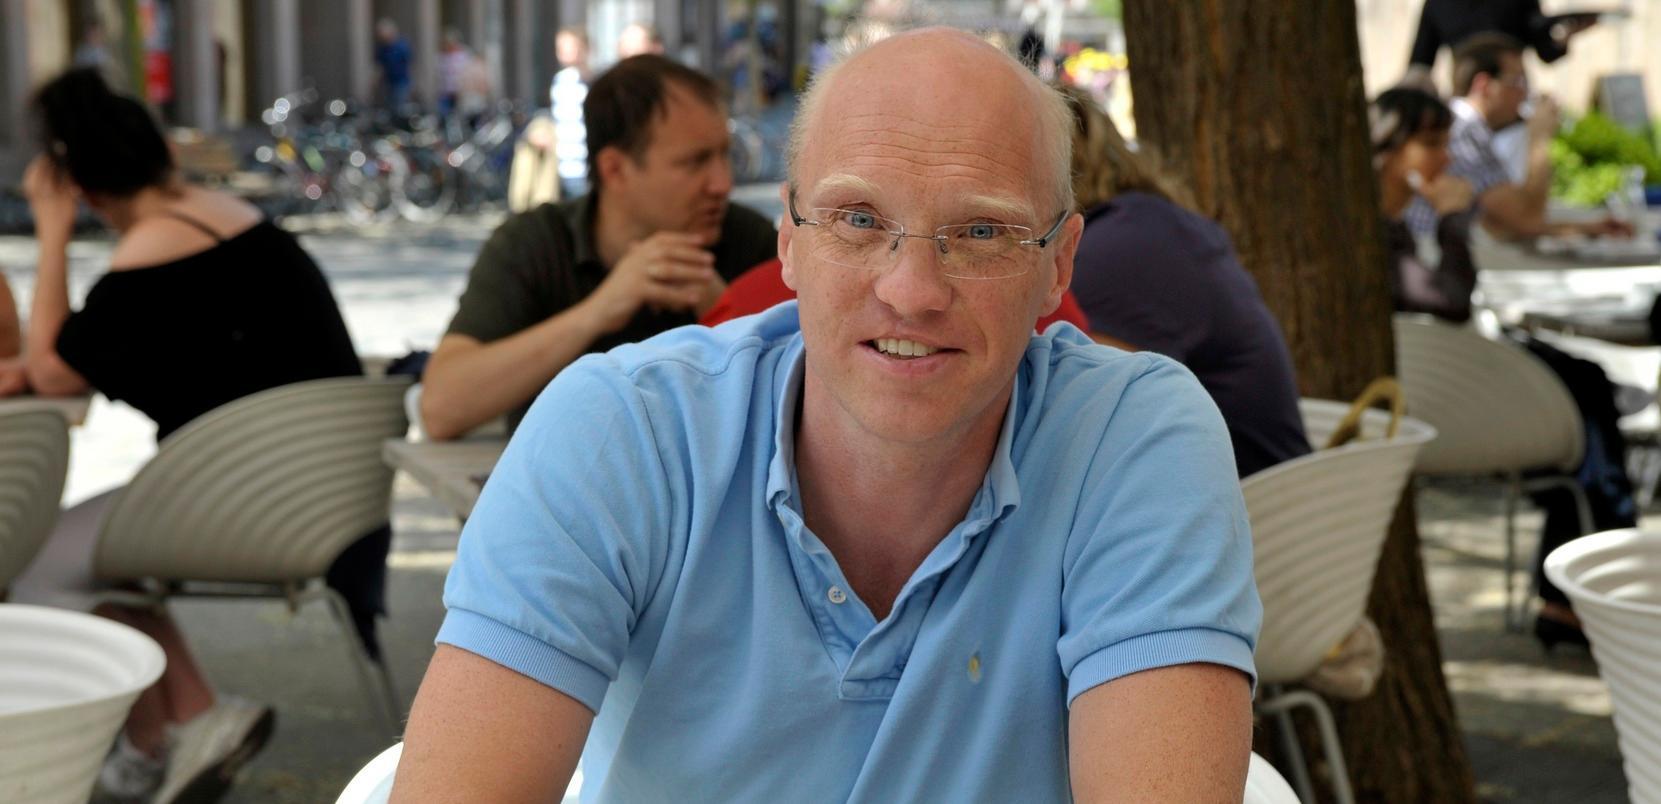 Andreas Basner macht die Sendung